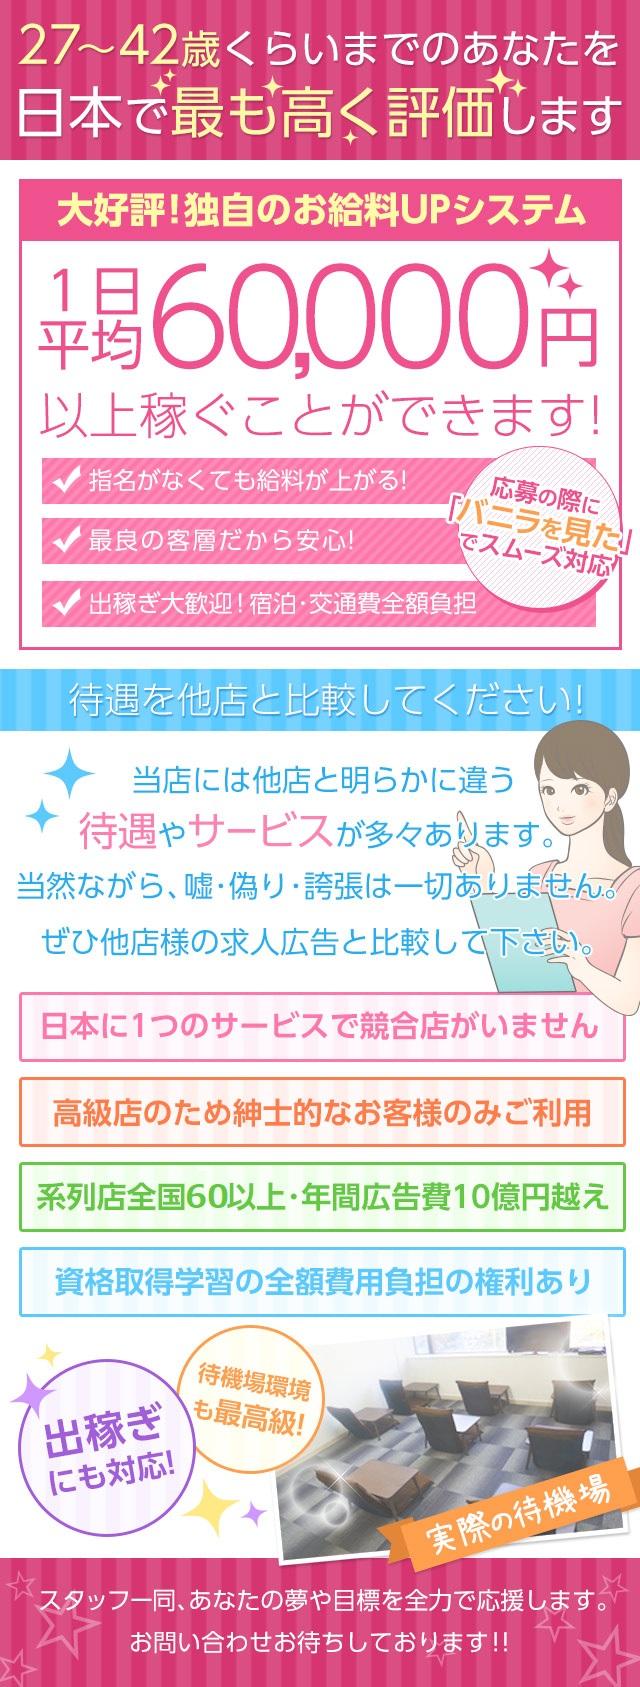 バニラ・急募インフォメーション